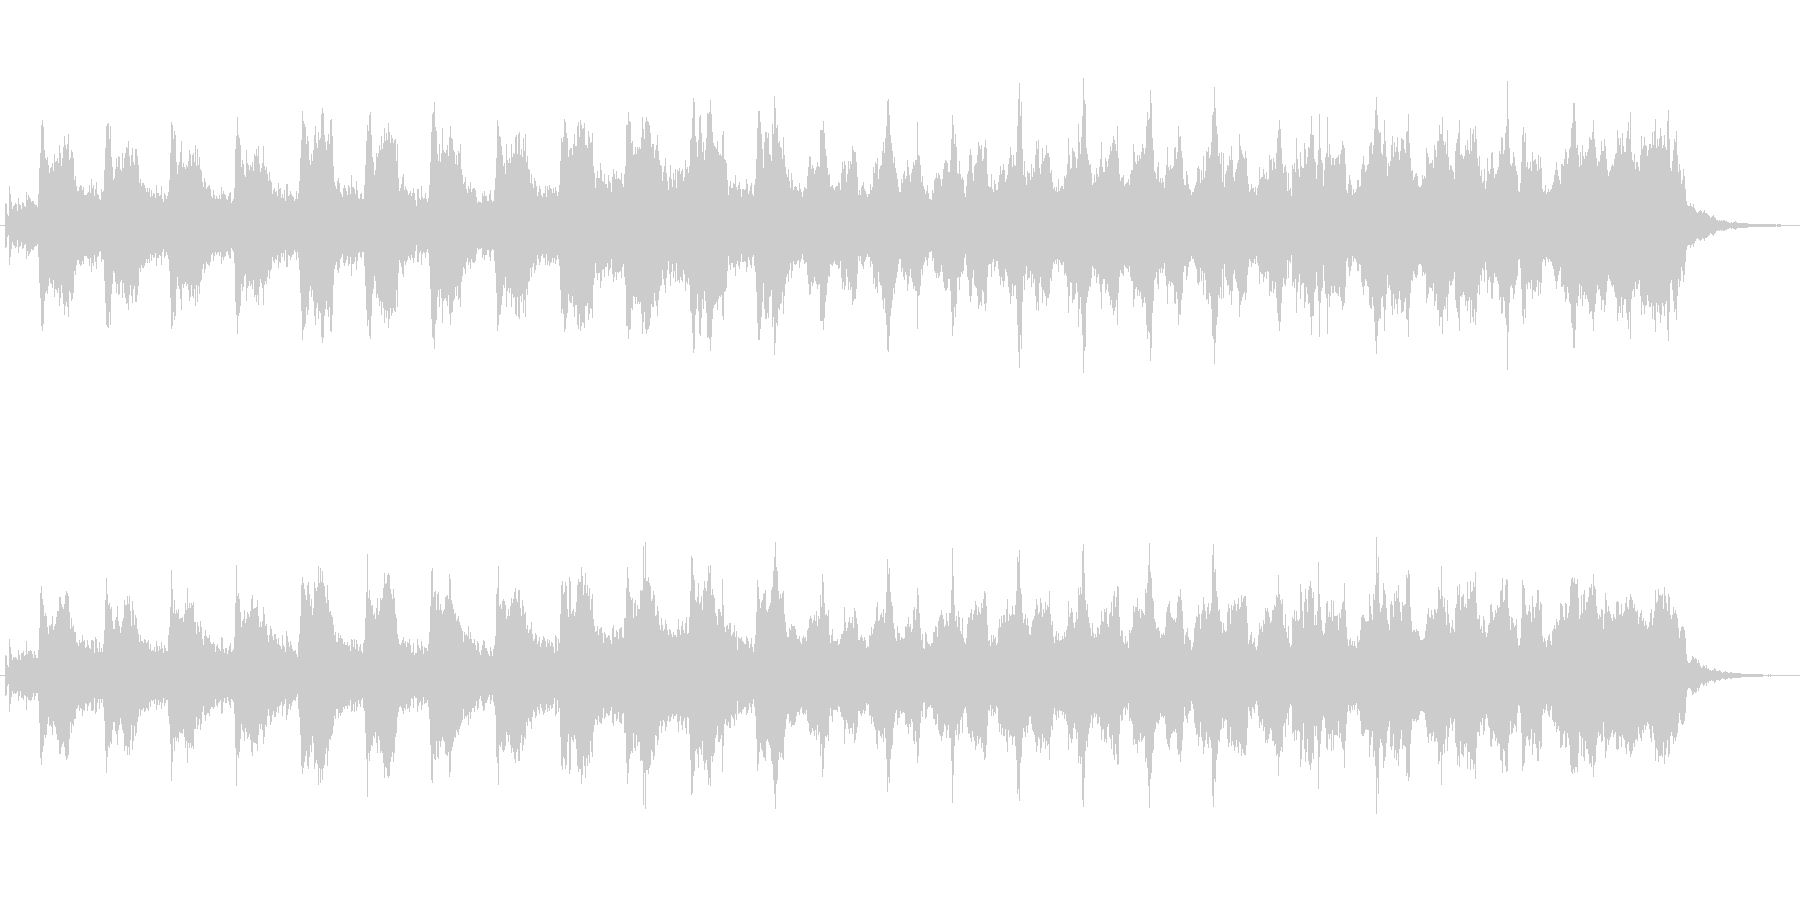 キラキラしたメルヘンチックなジングル6の未再生の波形